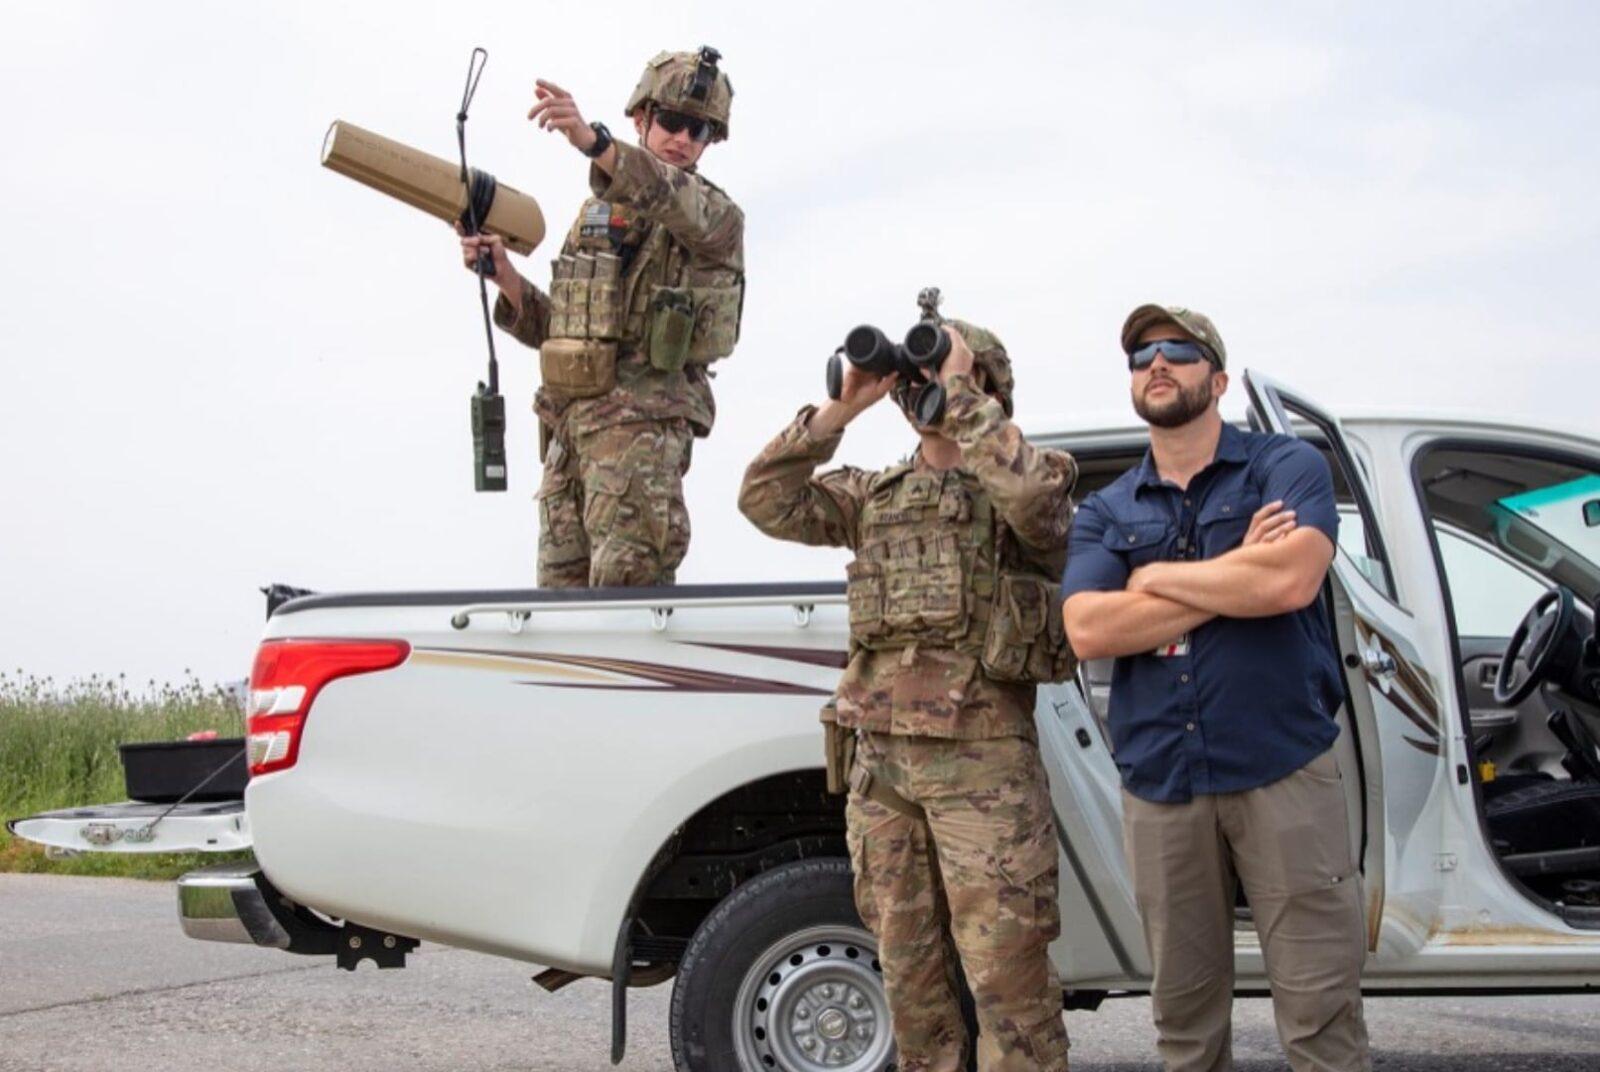 Пентагон создаёт программу по подготовке специалистов по уничтожению дронов.